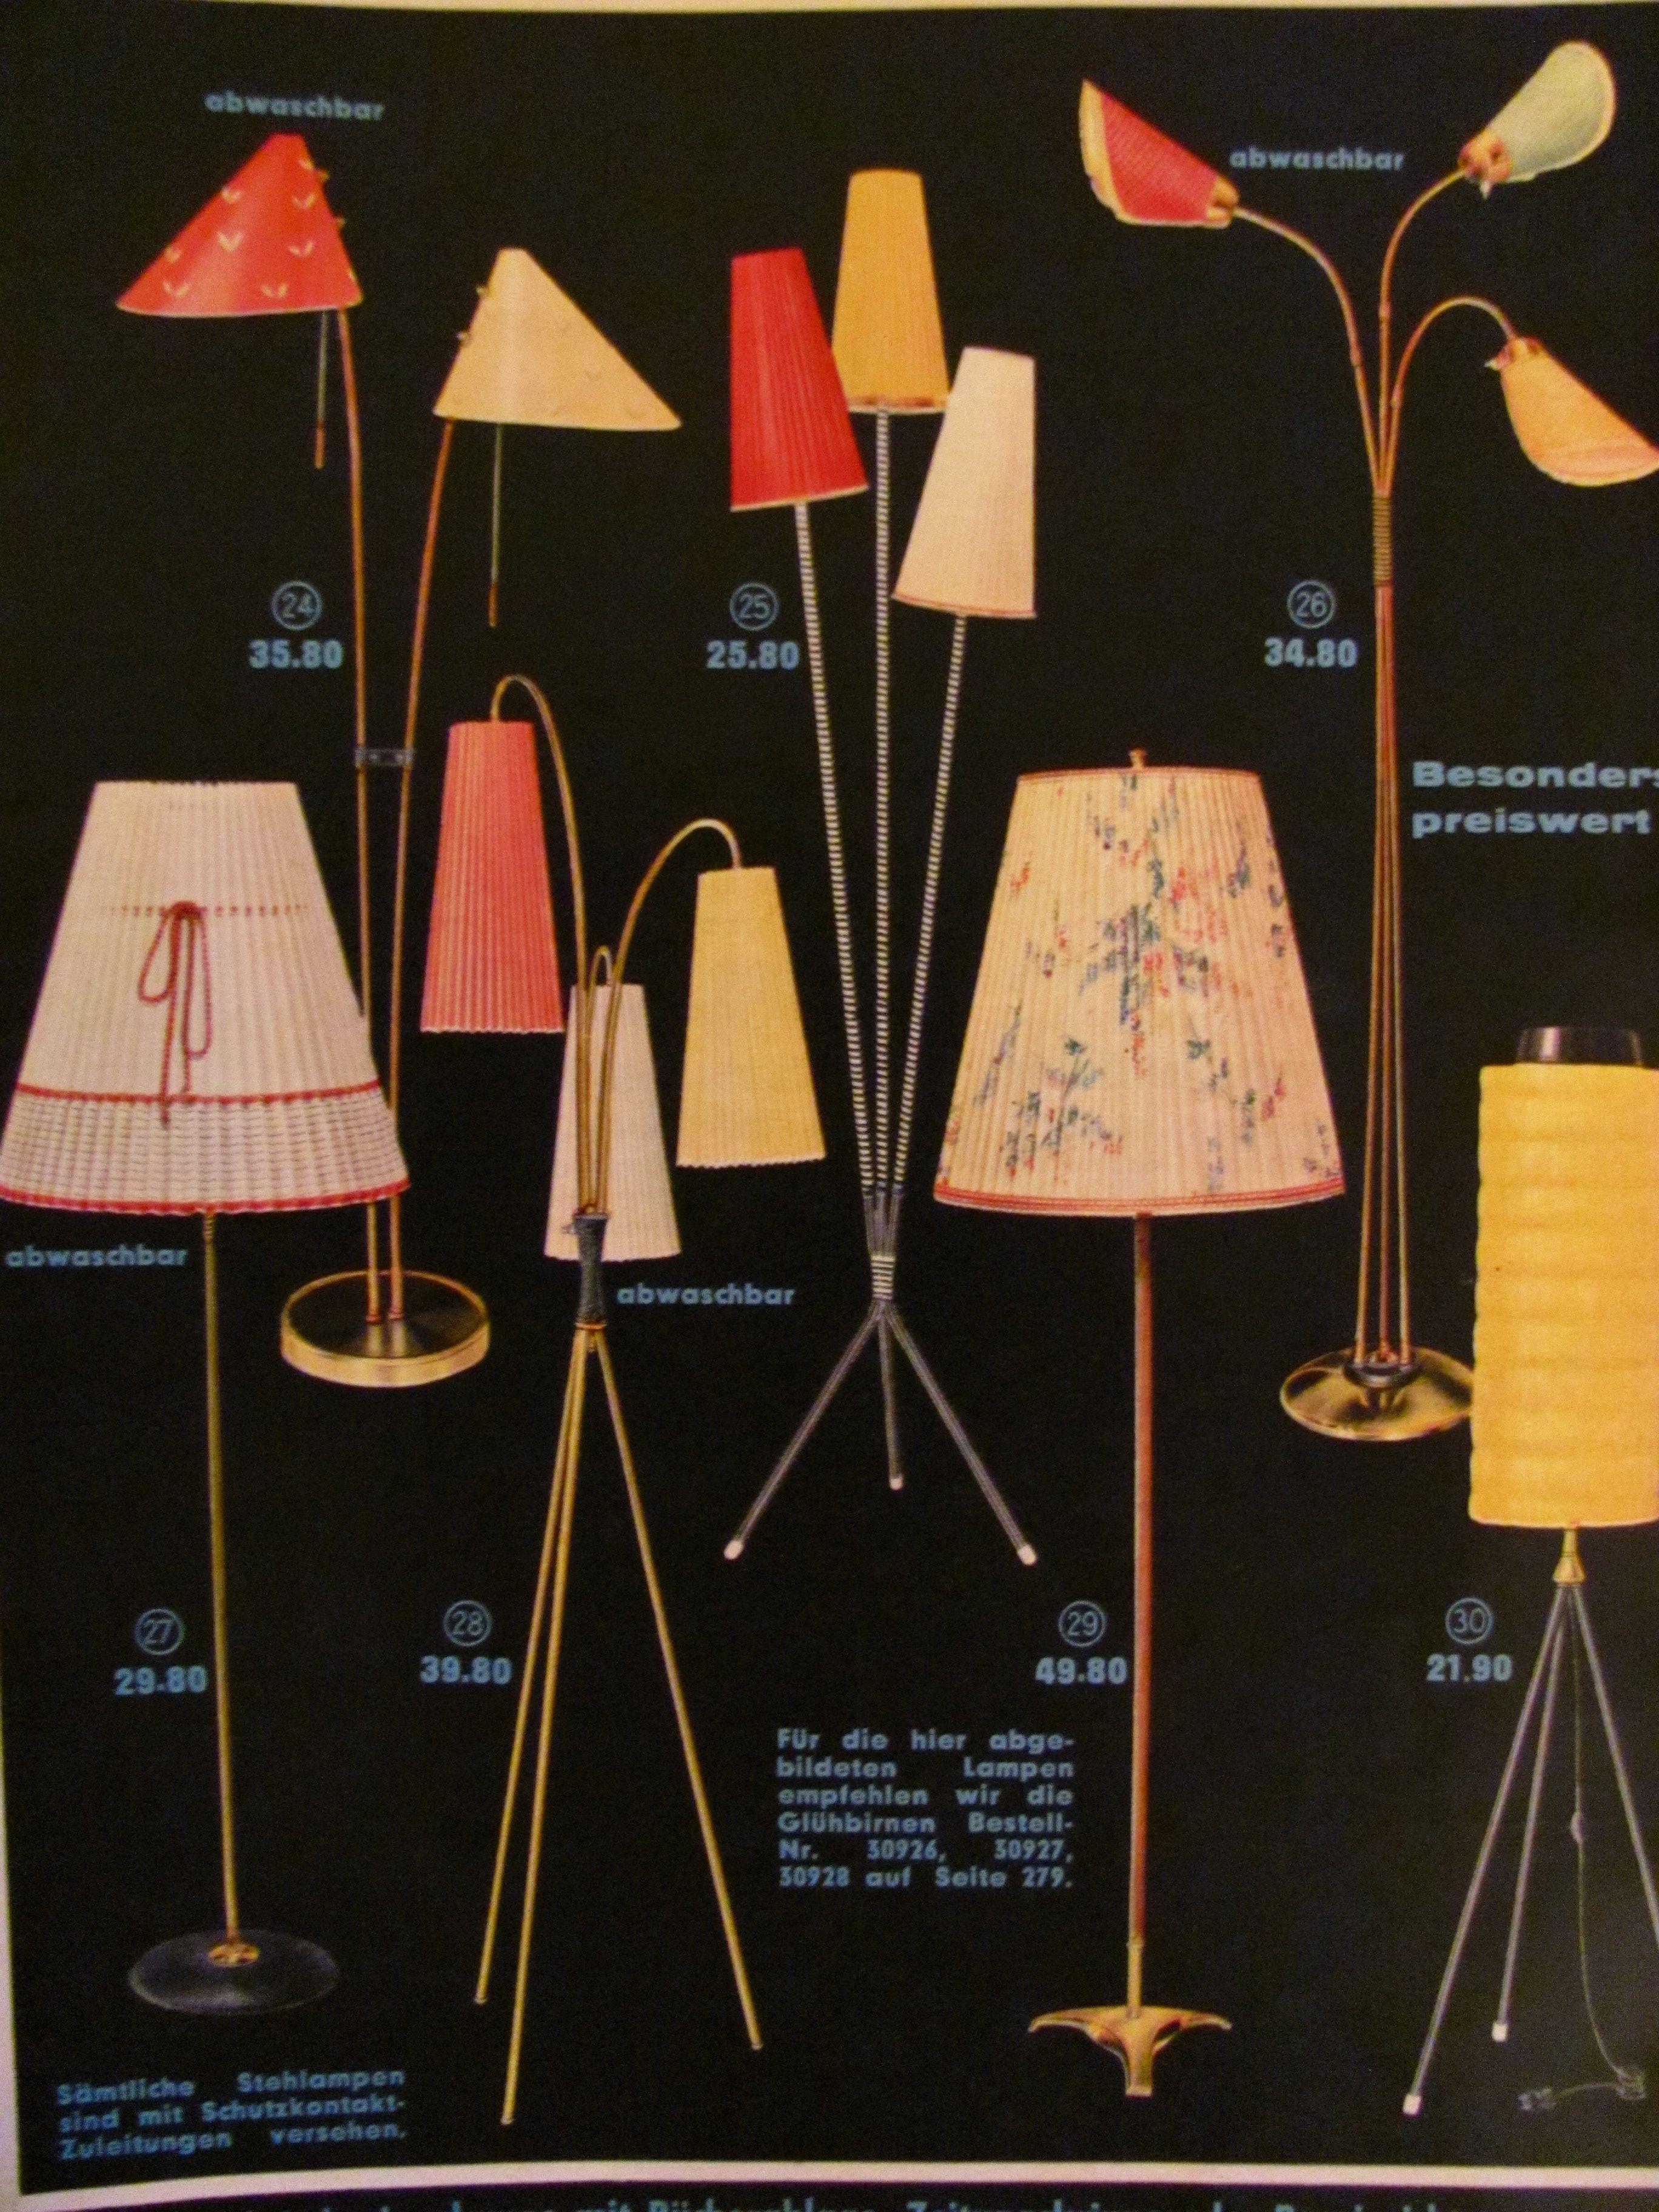 New Quelle Katalog T tenlampe Wirtschaftswunder F nfziger Jahre